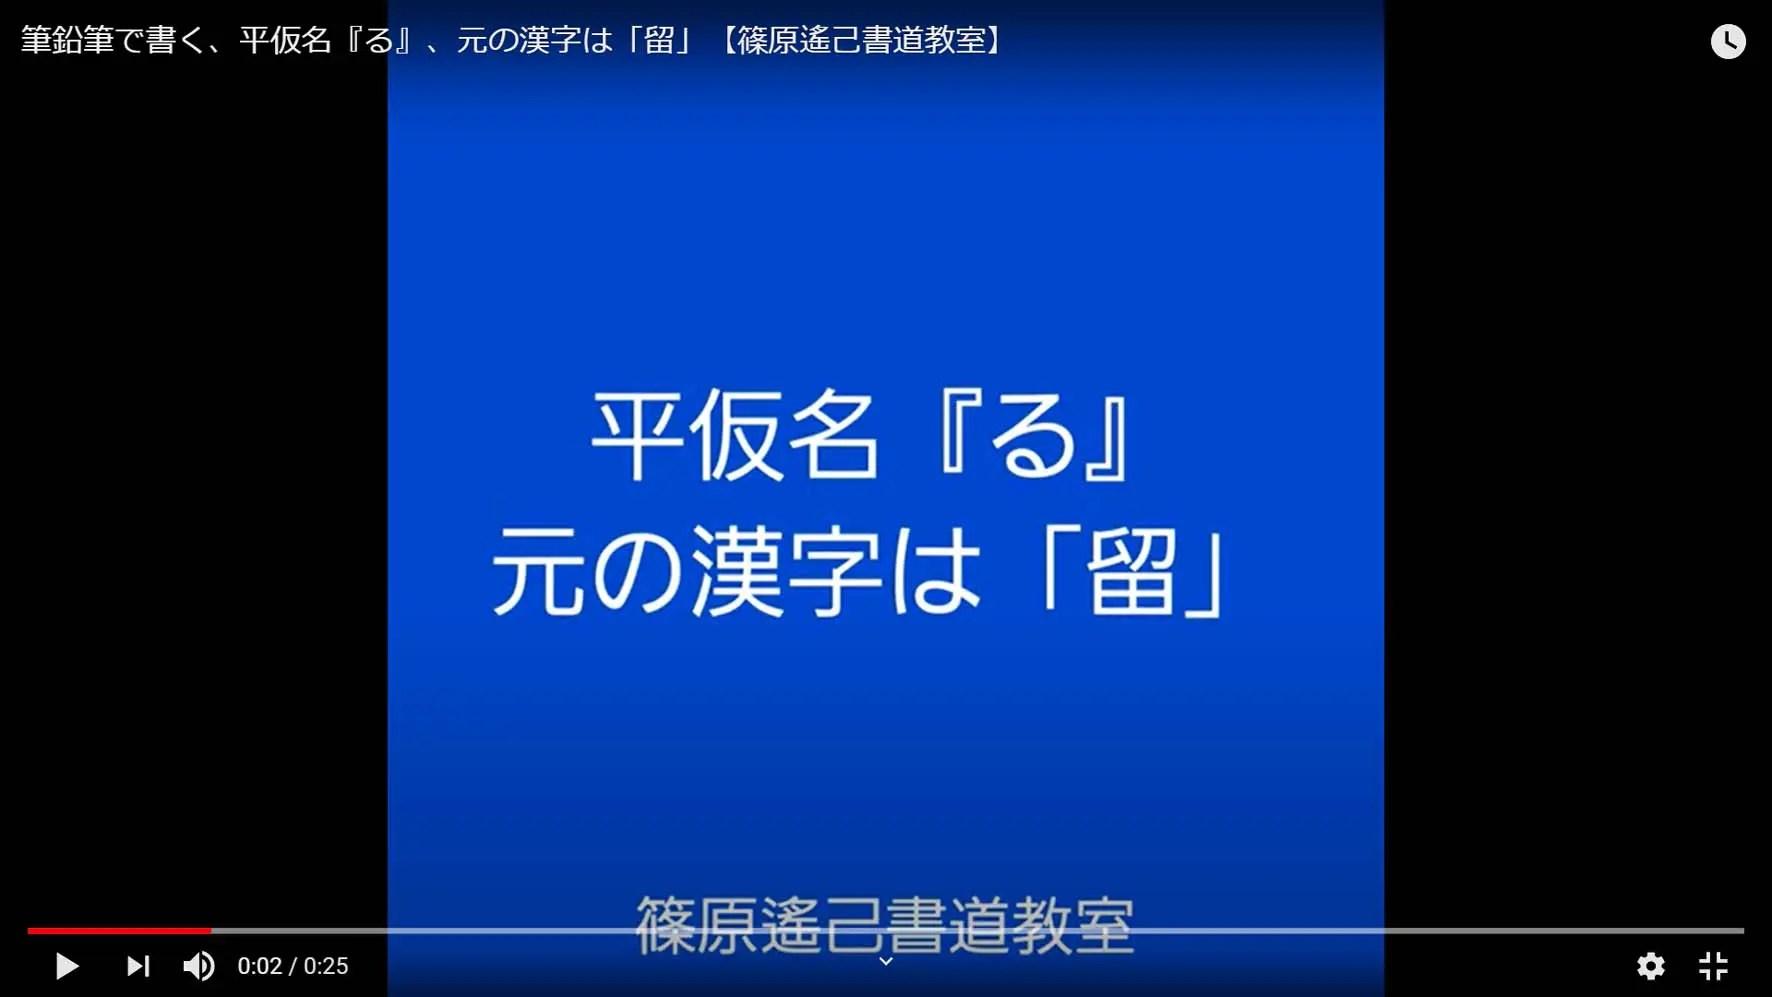 筆鉛筆で書く、平仮名『る』【手書き動画】鎌倉市長谷の書道教室